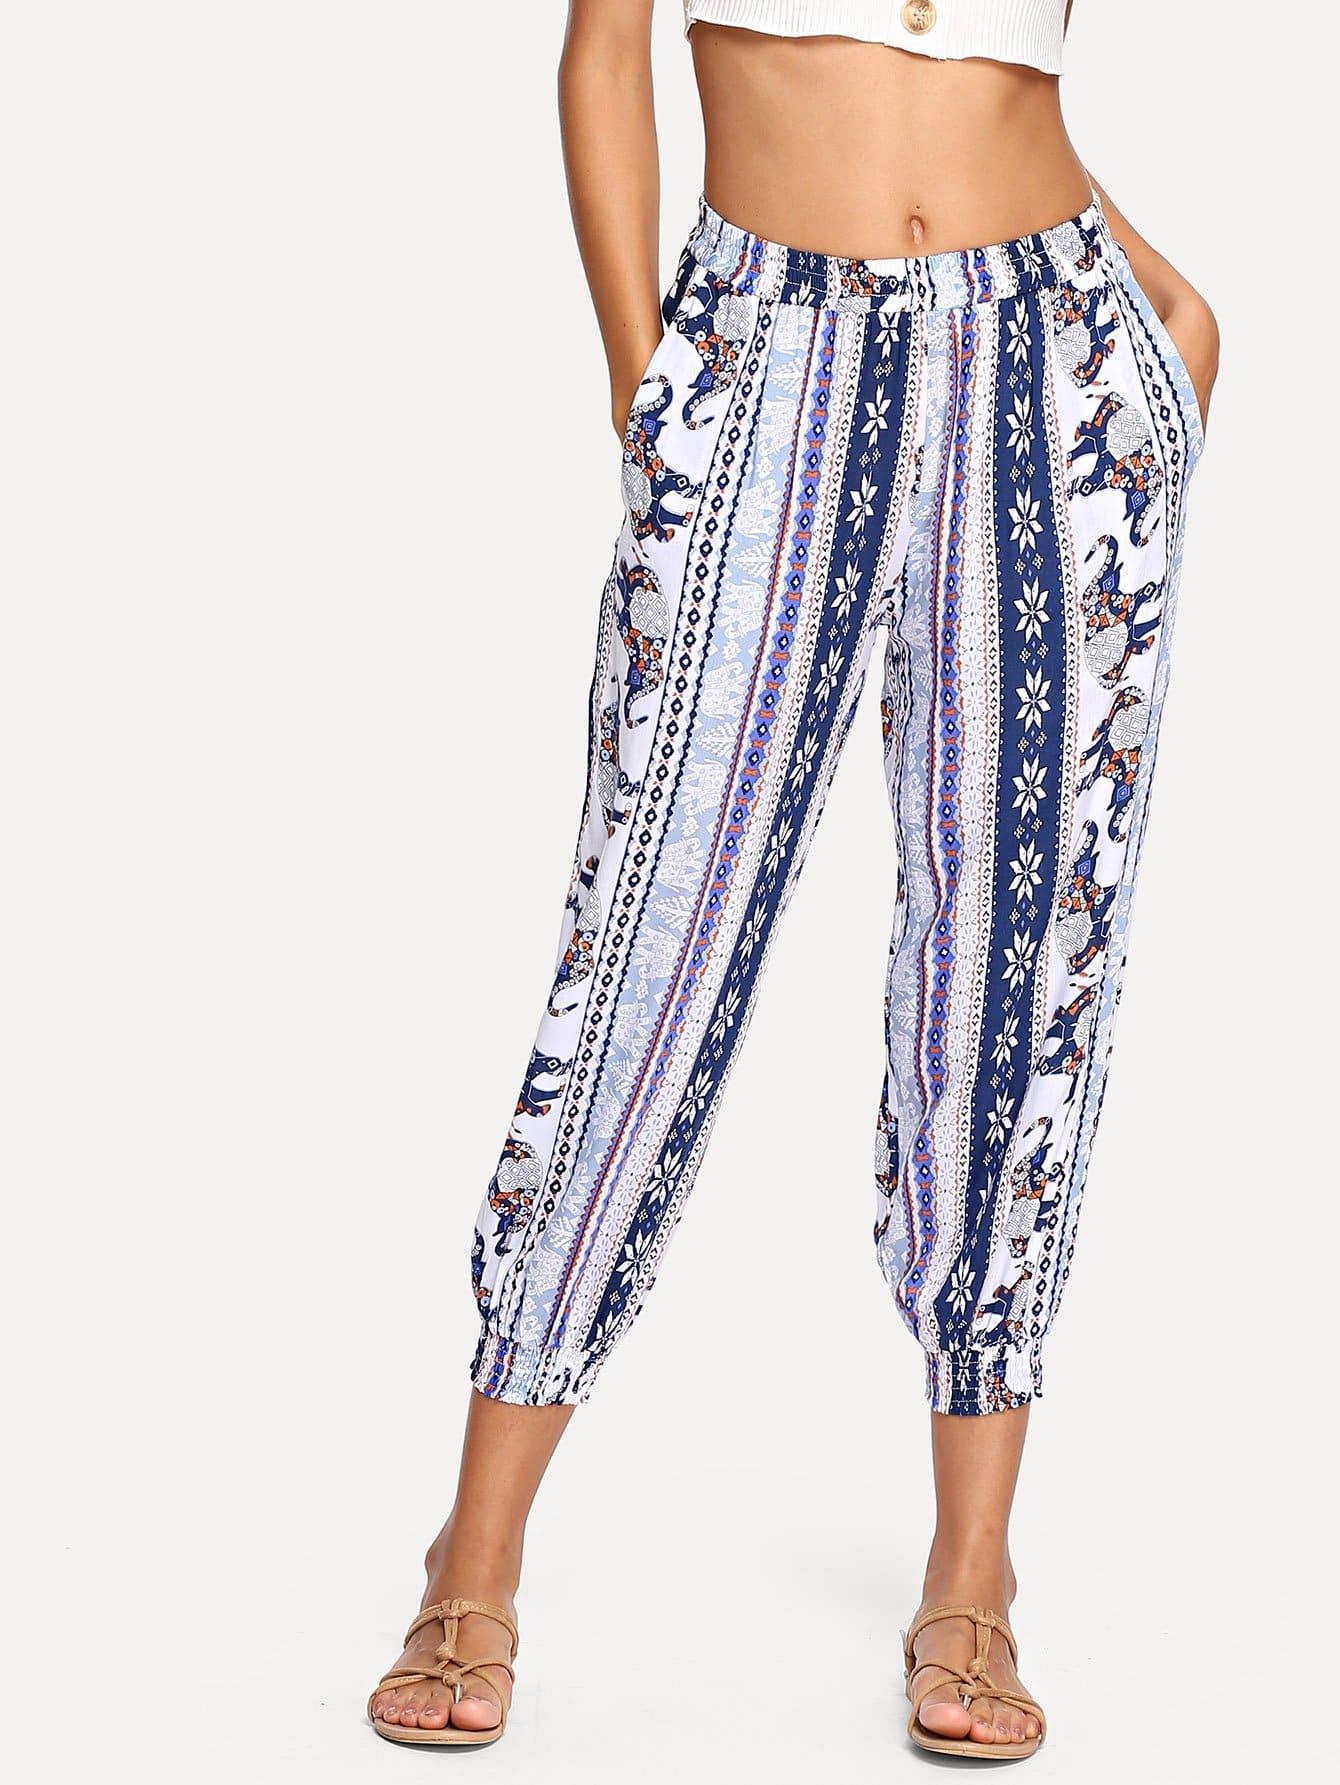 Купить Вышивка Слон Печатные племенные брюки, Mary P., SheIn